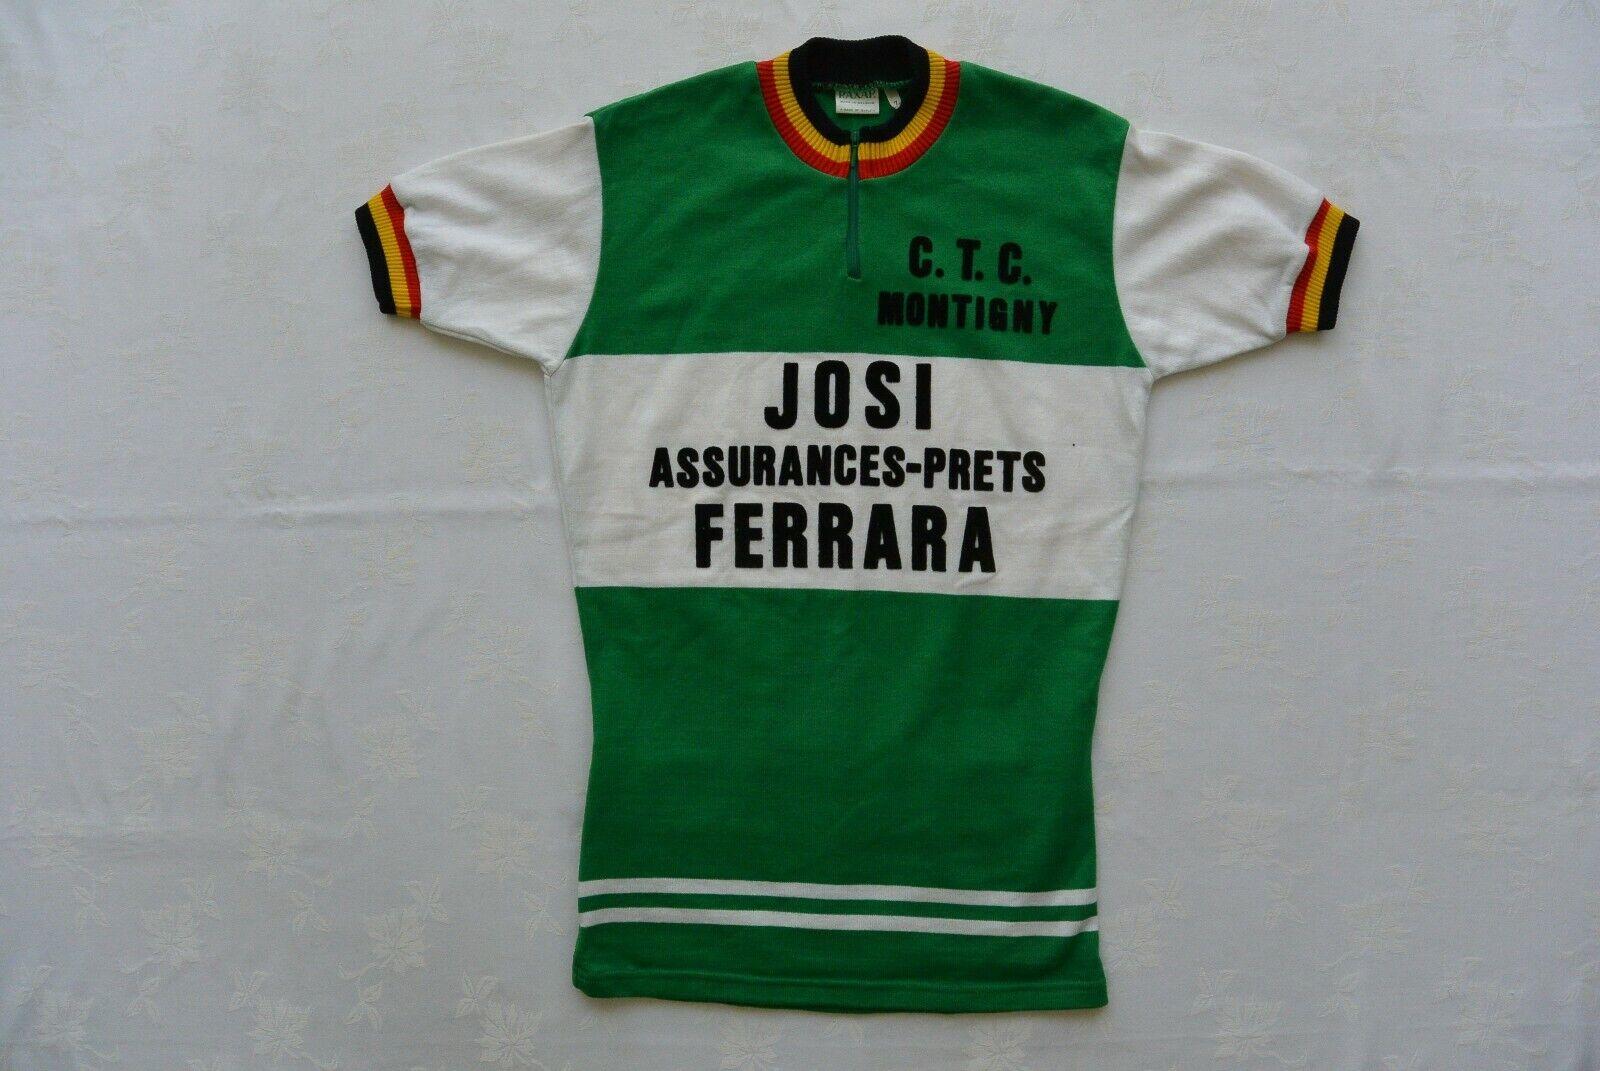 VINTAGE anni'70 Belgio Raxar CTC Montigny Josi Ferrara Ciclismo in jersey VOCABOLARIO ELETTrossoECNICO internazionale